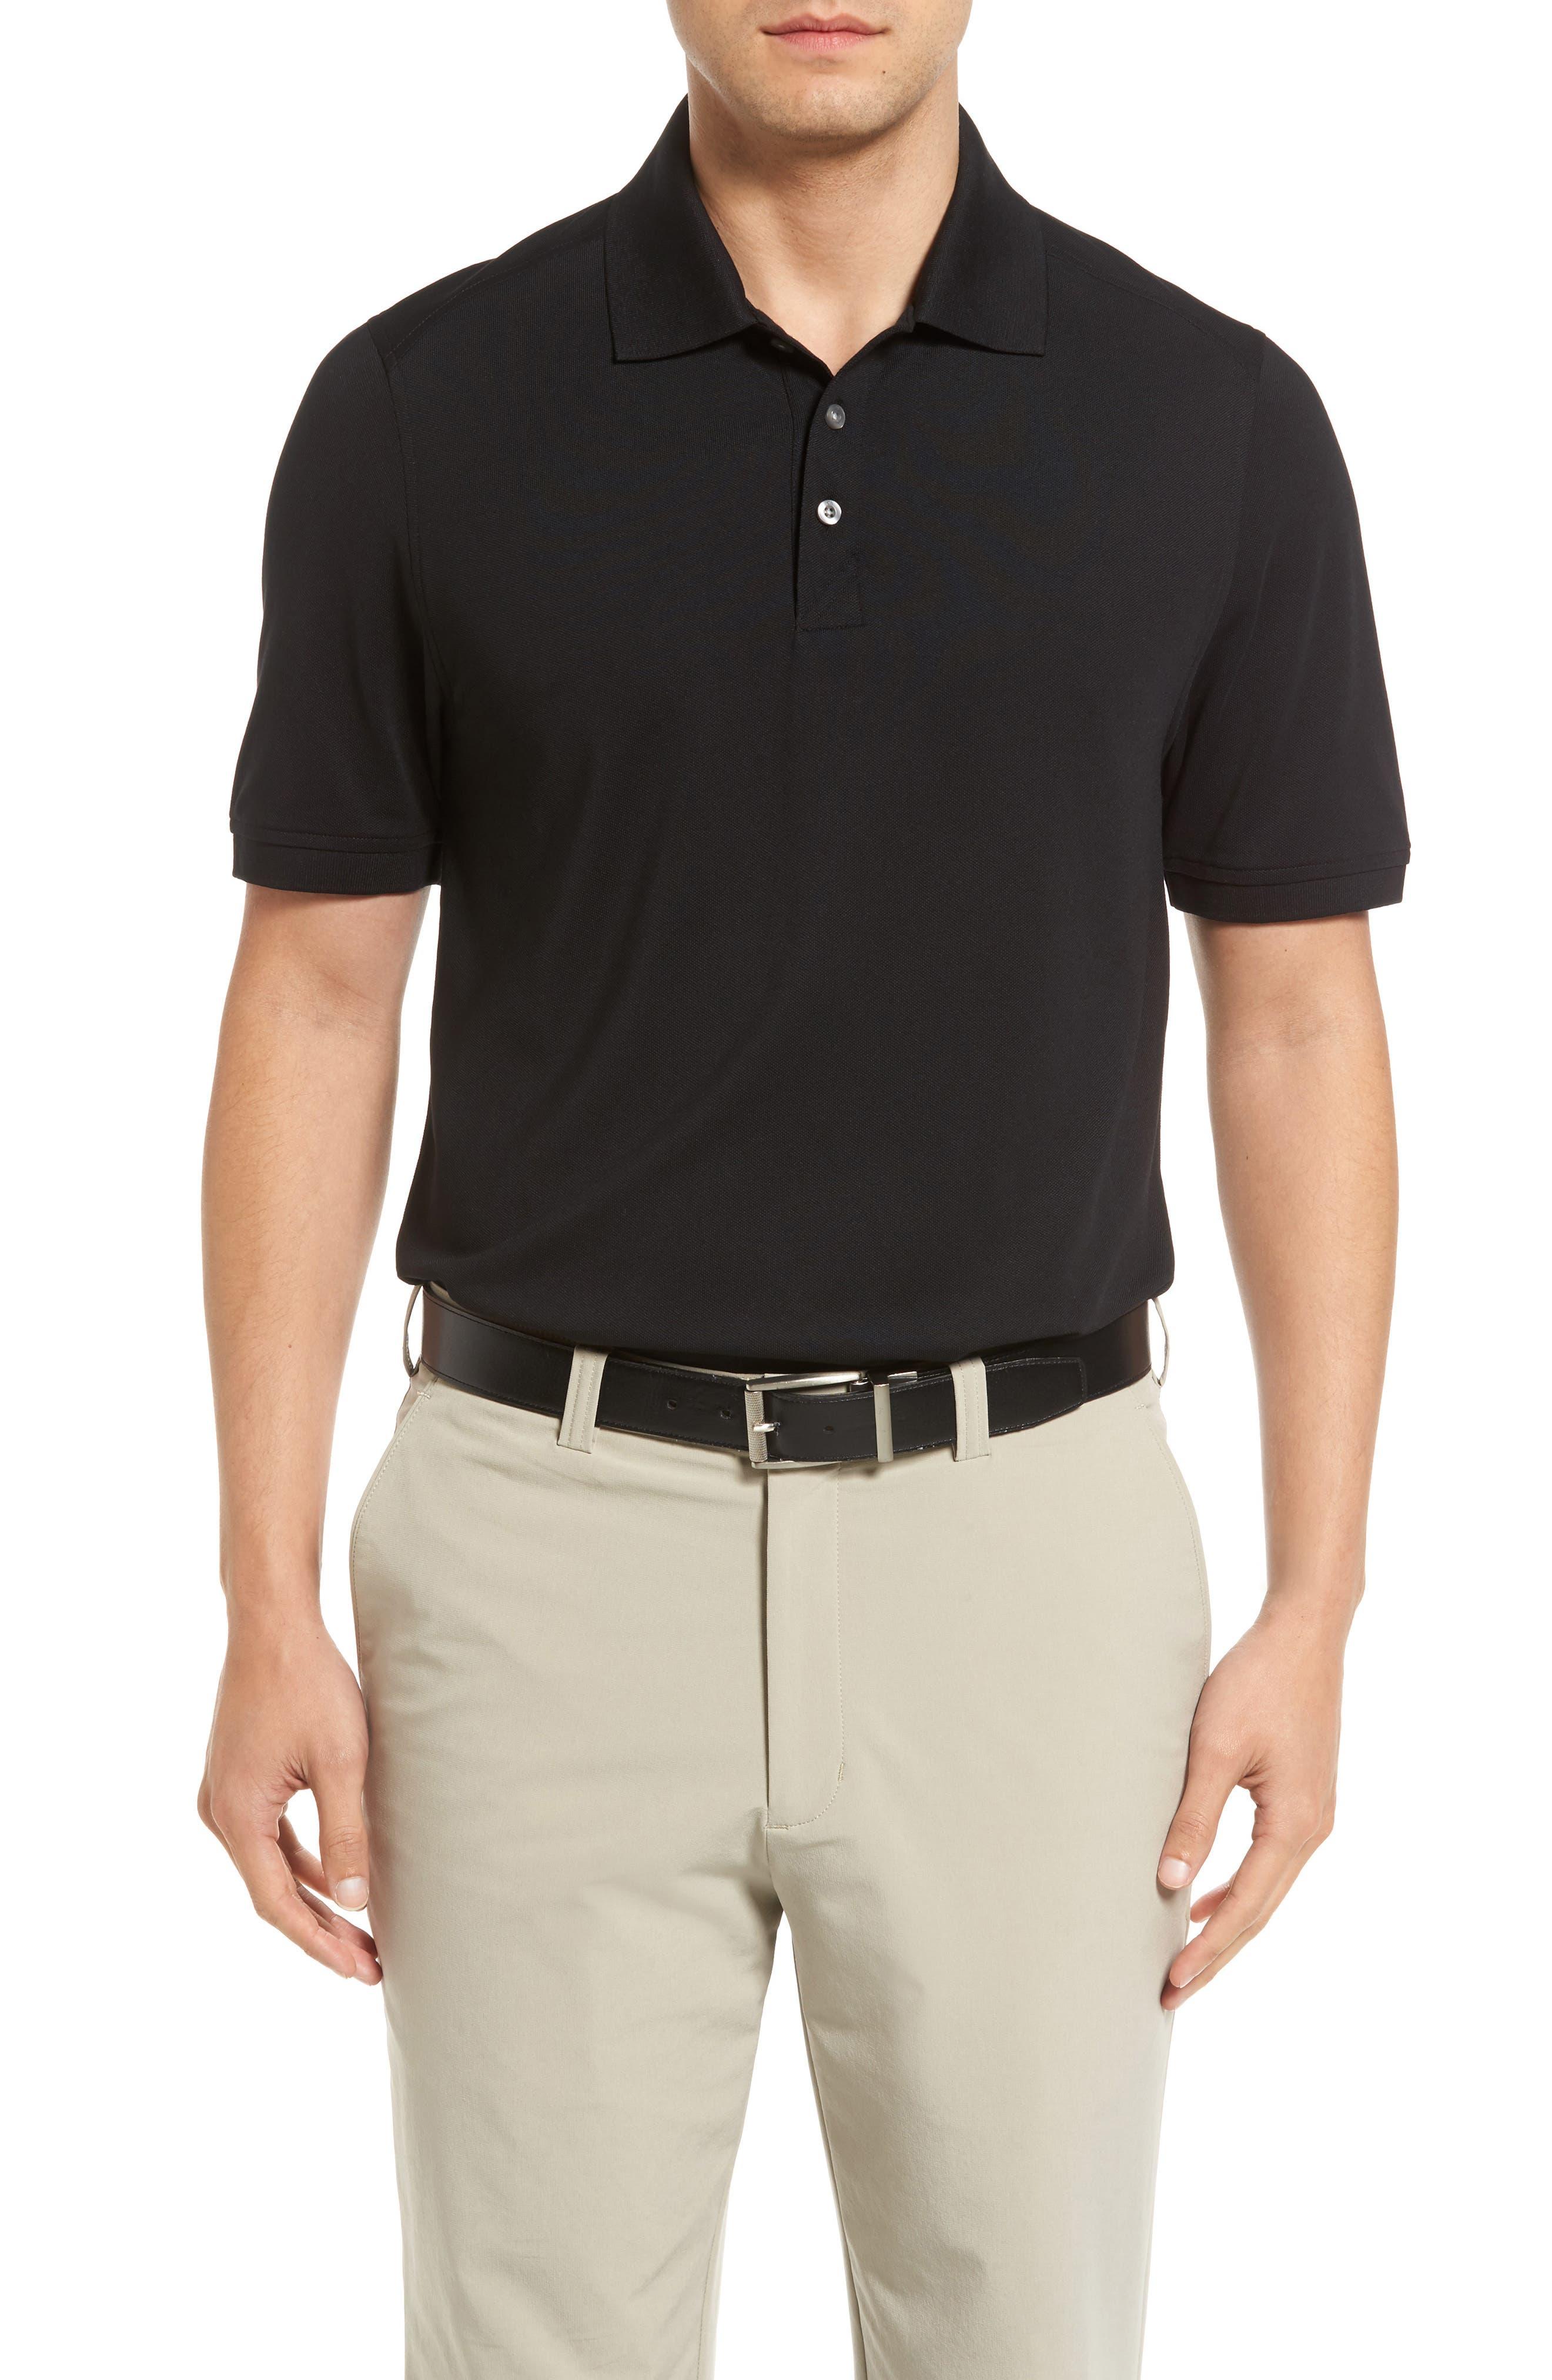 CUTTER & BUCK Advantage Golf Polo, Main, color, BLACK